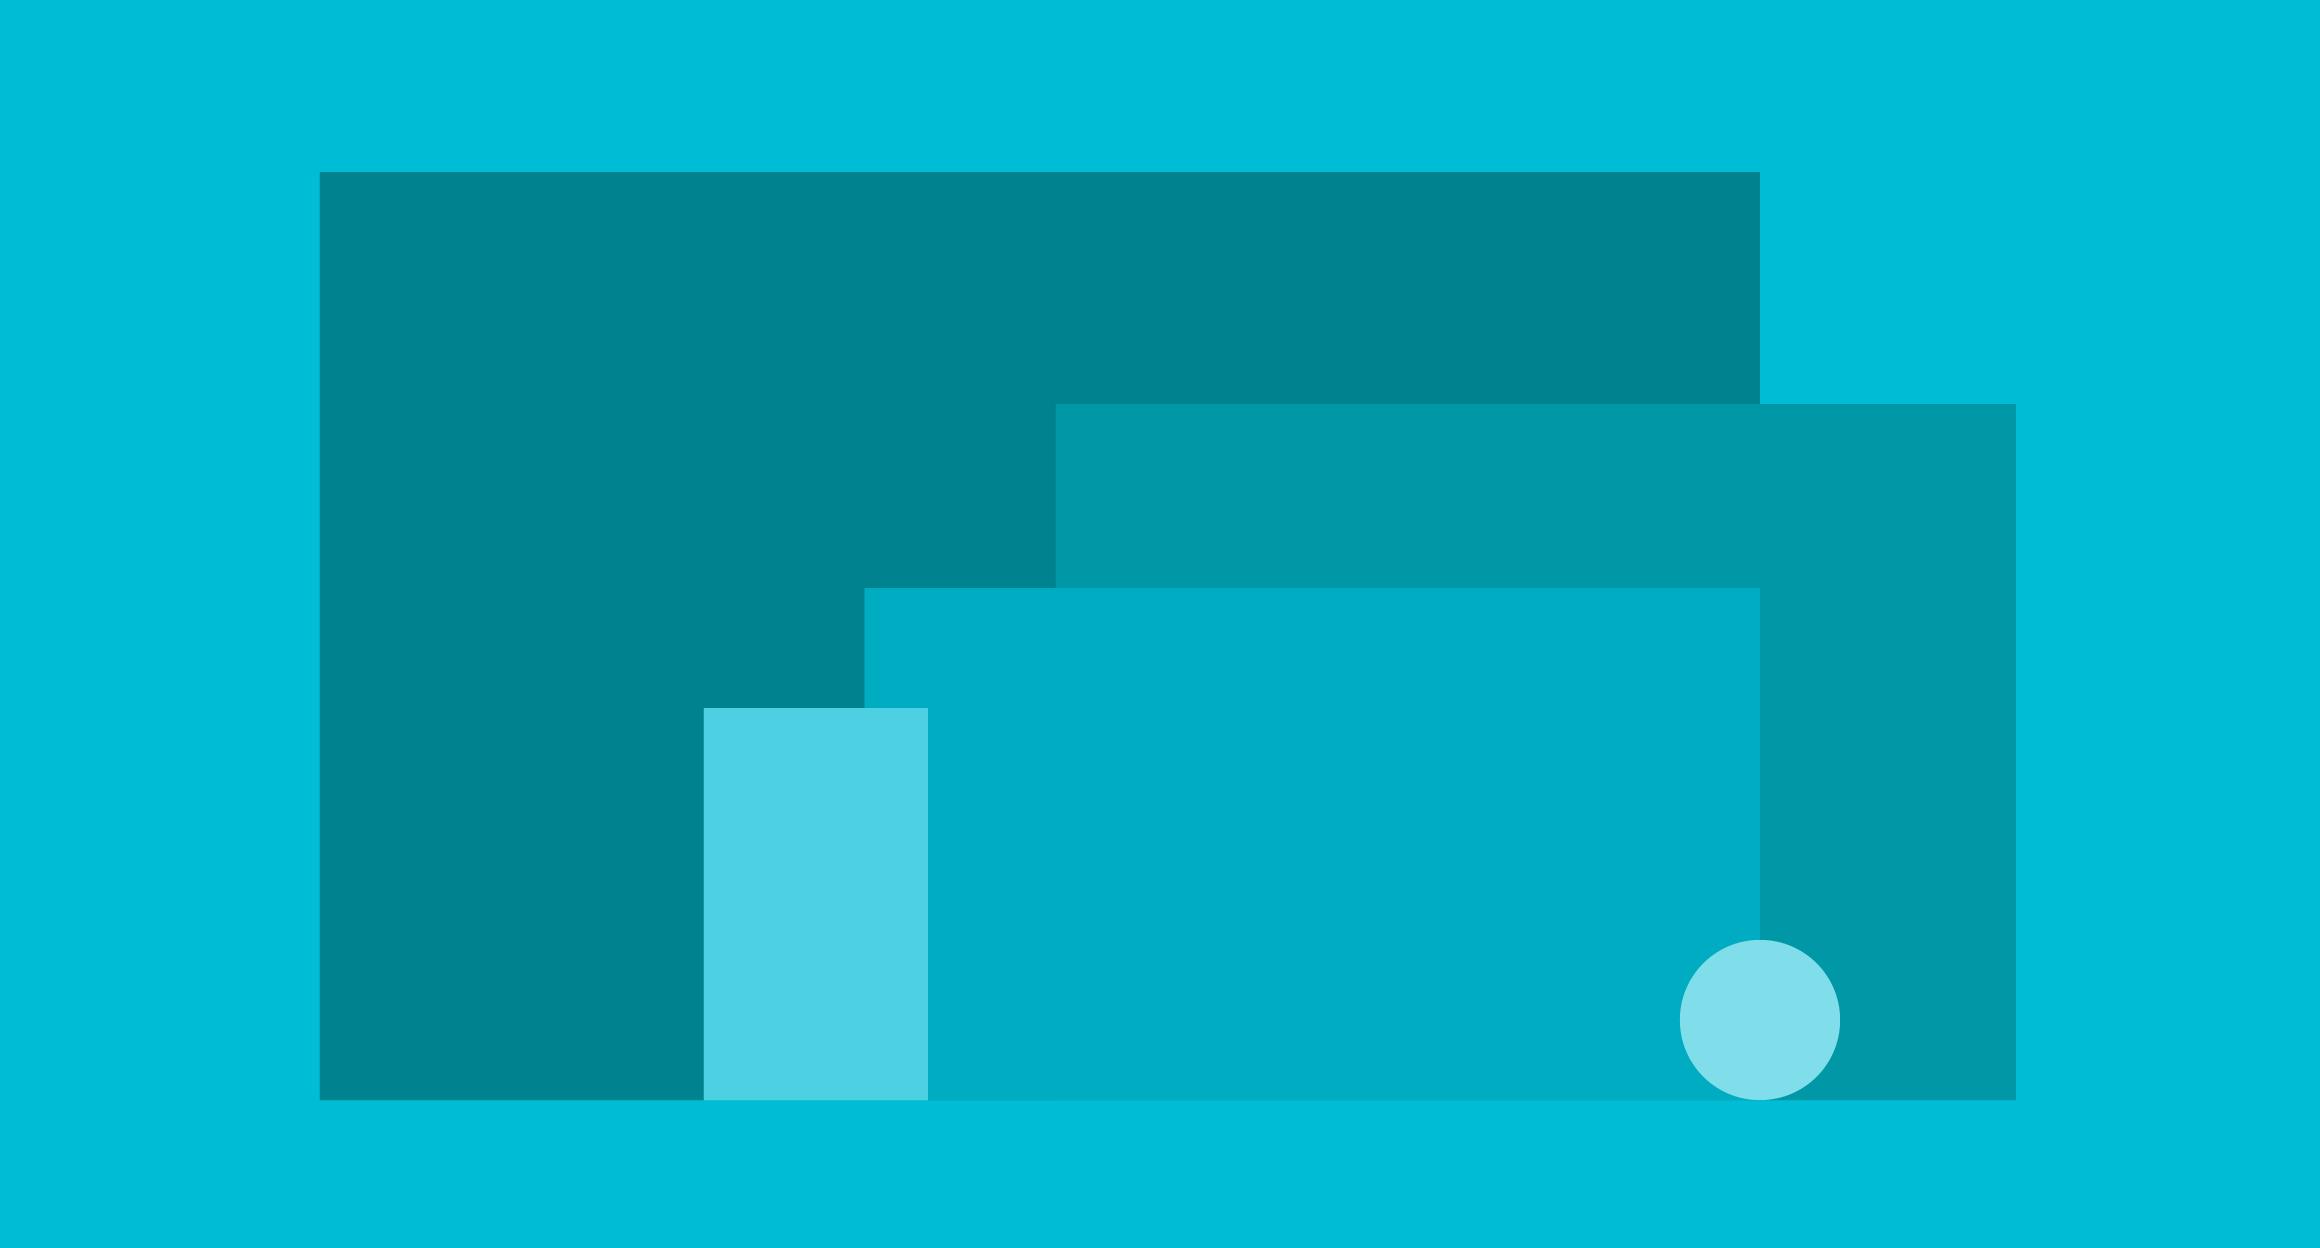 Diseño gráfico web proporciones